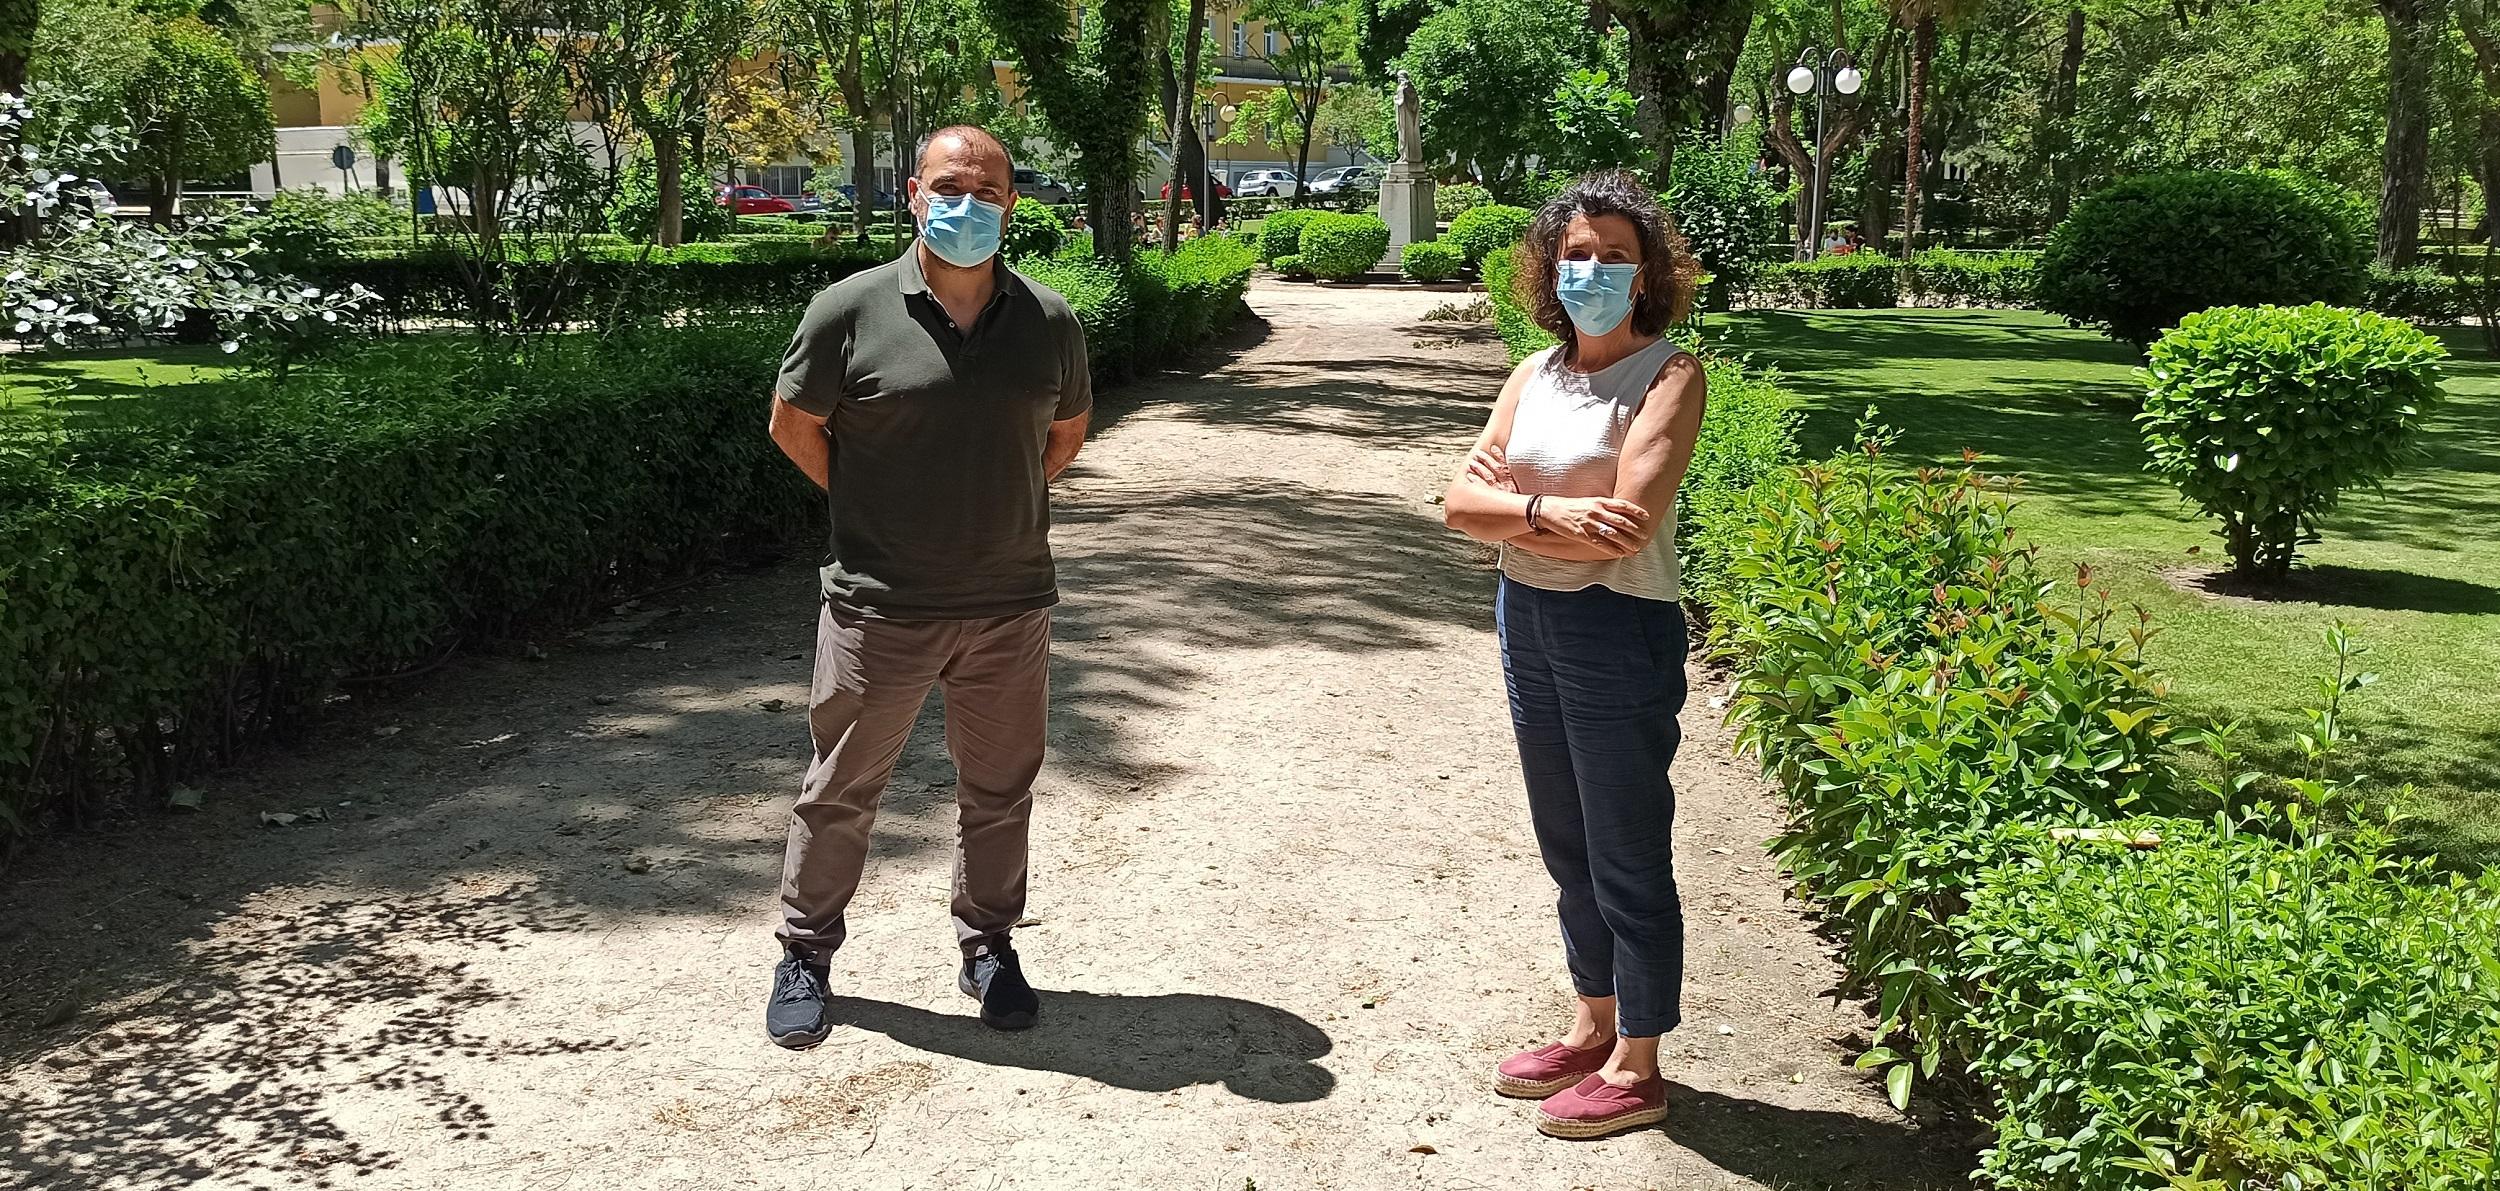 Un estudio revela diferencias en el manejo del coronavirus en casa durante la pandemia en España